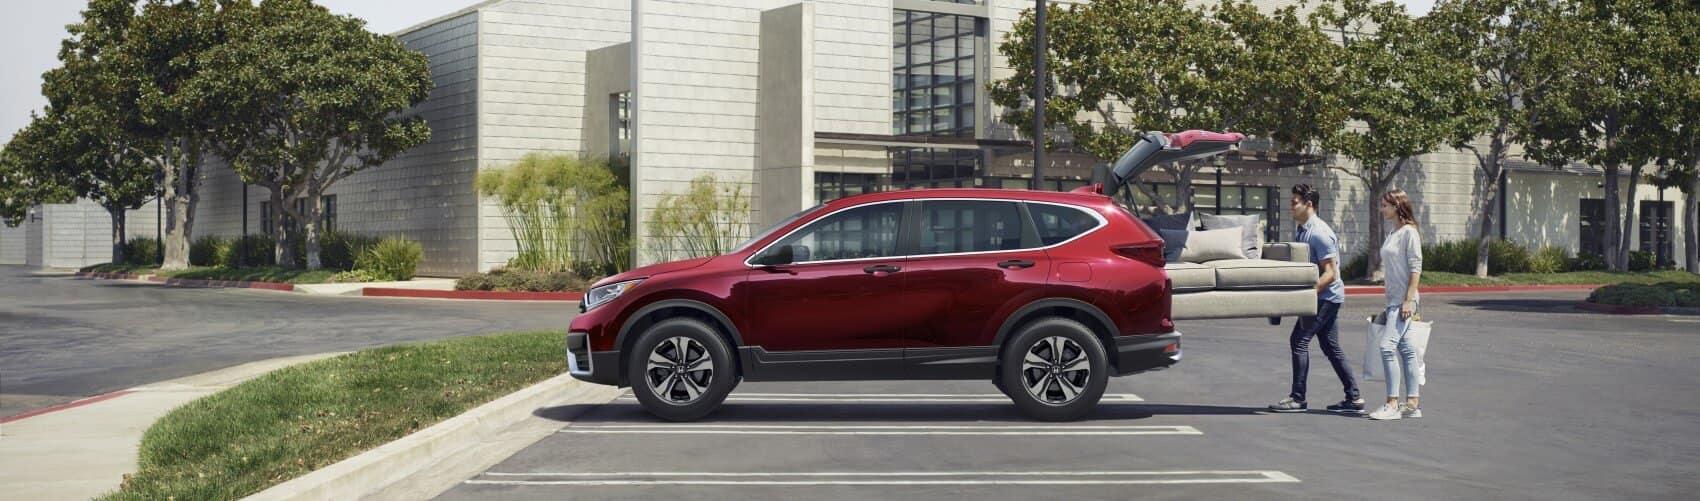 2021 Honda CR-V Interior Review